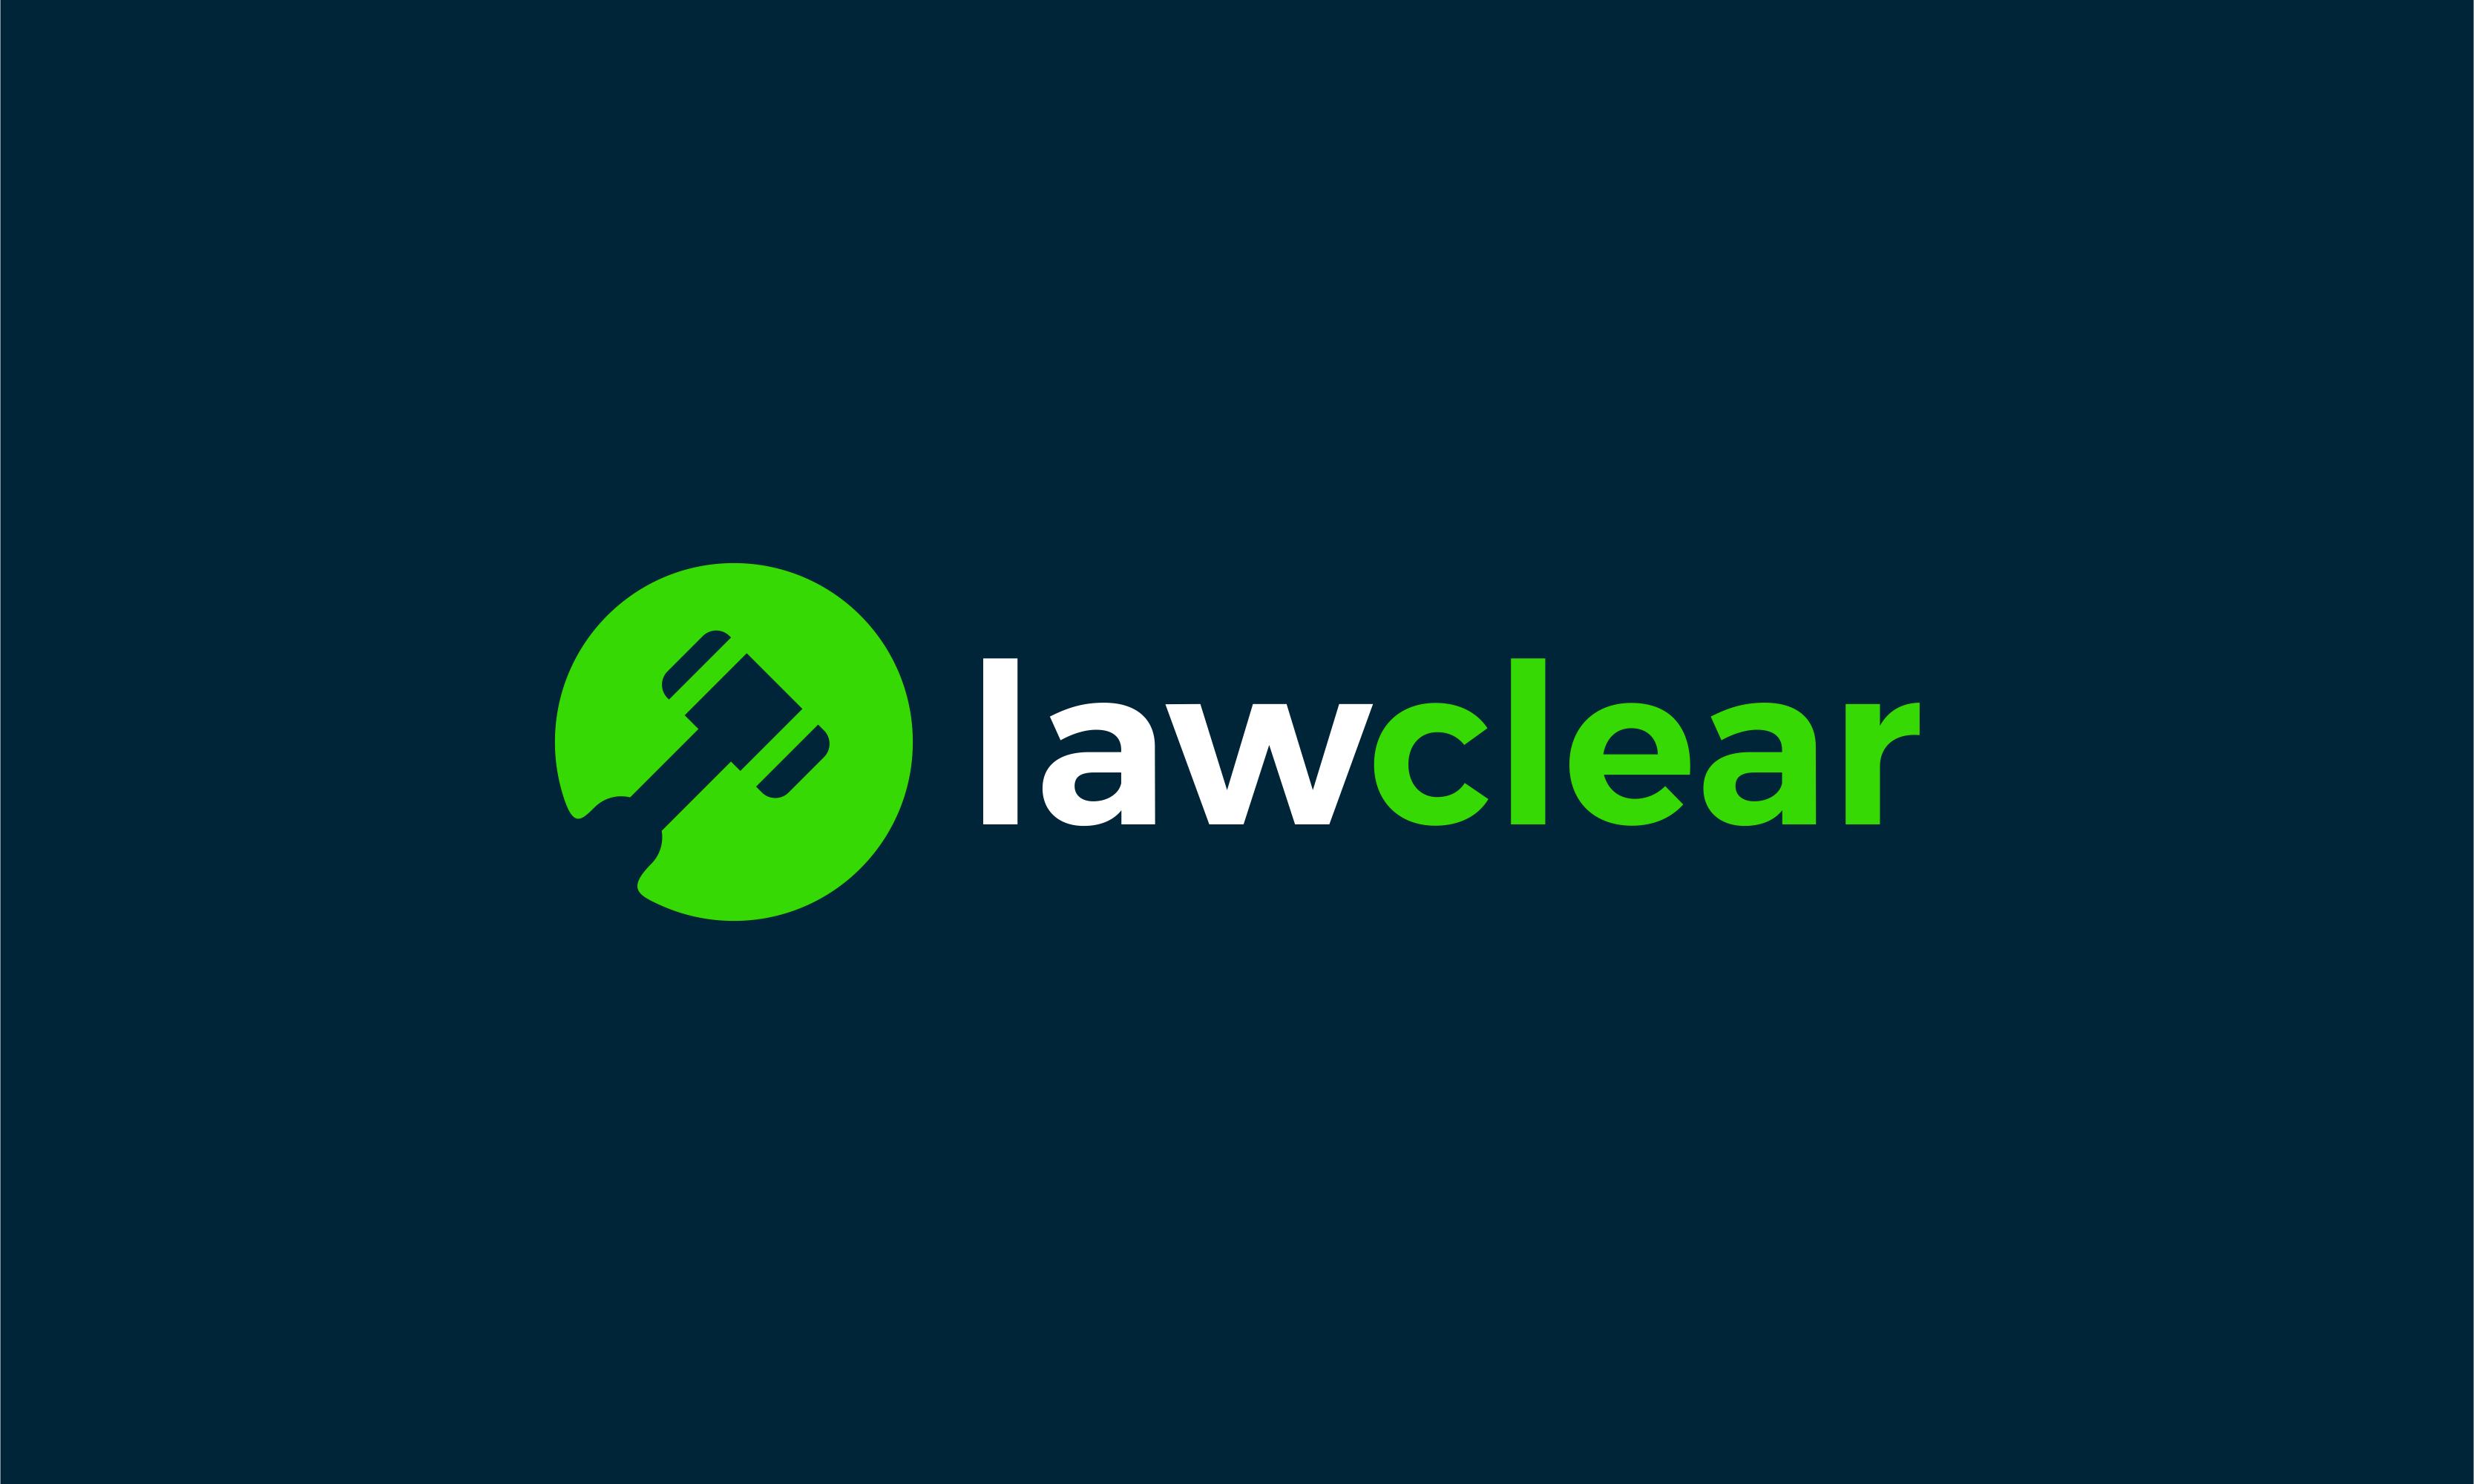 Lawclear